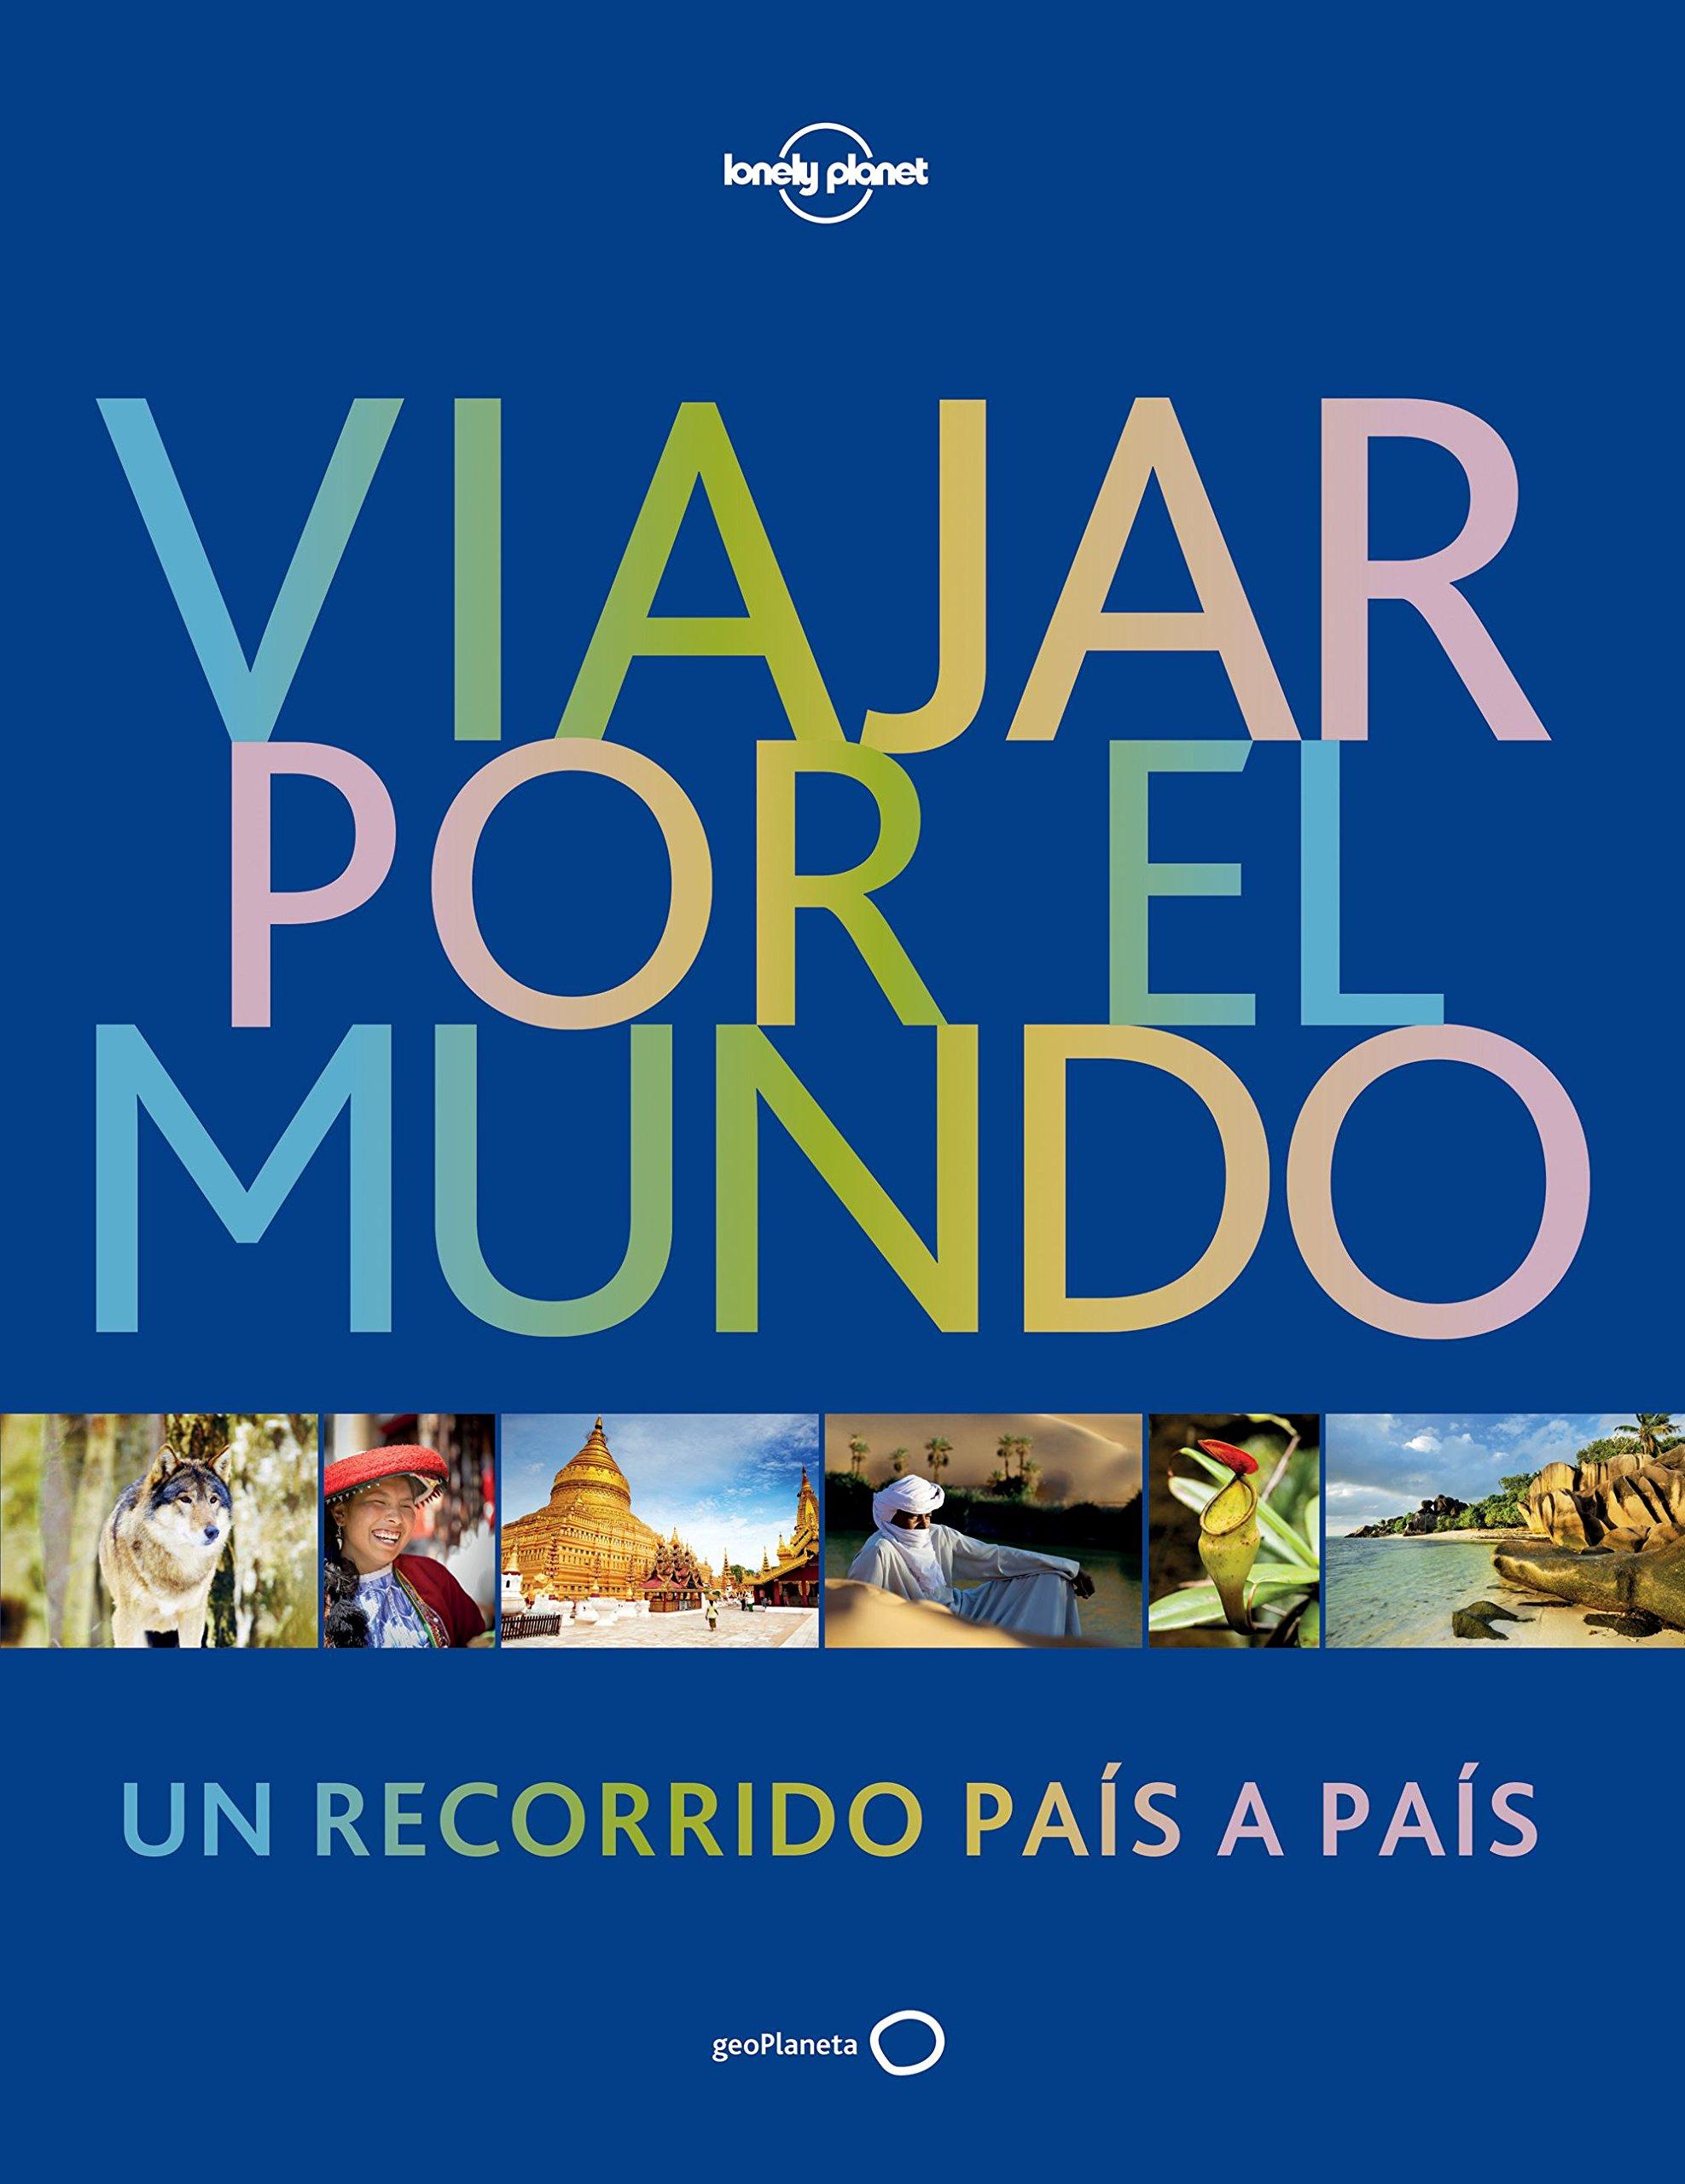 Viajar por el mundo 3 (Viaje y aventura): Amazon.es: AA. VV., Alda Delgado, Enrique, Muñoz Cunill, Jaume, Gras Cardona, Ton: Libros